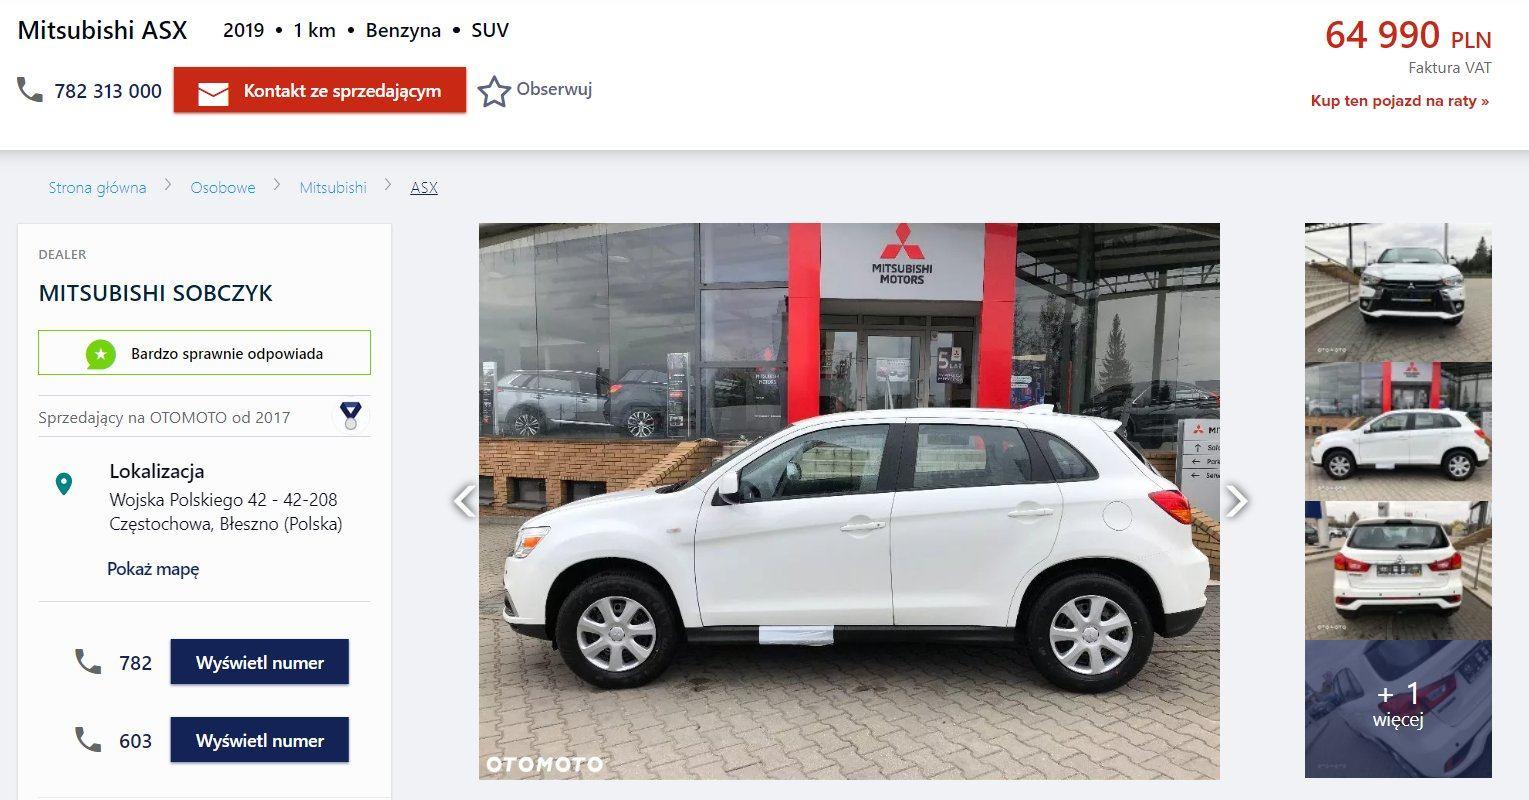 Oferta sprzedaży: Mitsubishi ASX, źródło: OtoMoto